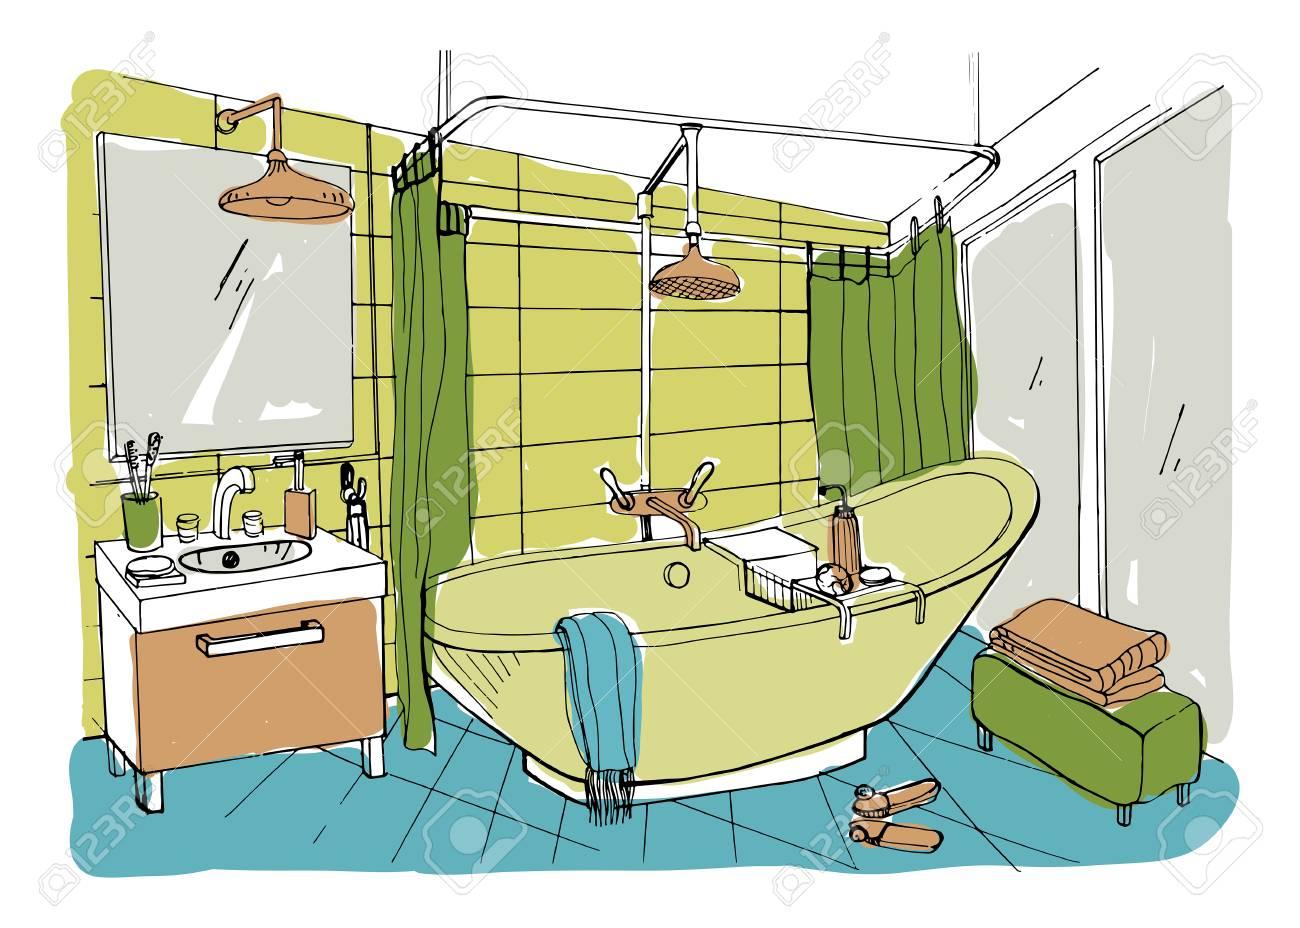 Design d\'intérieur salle de bain moderne dessiné à la main. Illustration de  croquis coloré de vecteur.